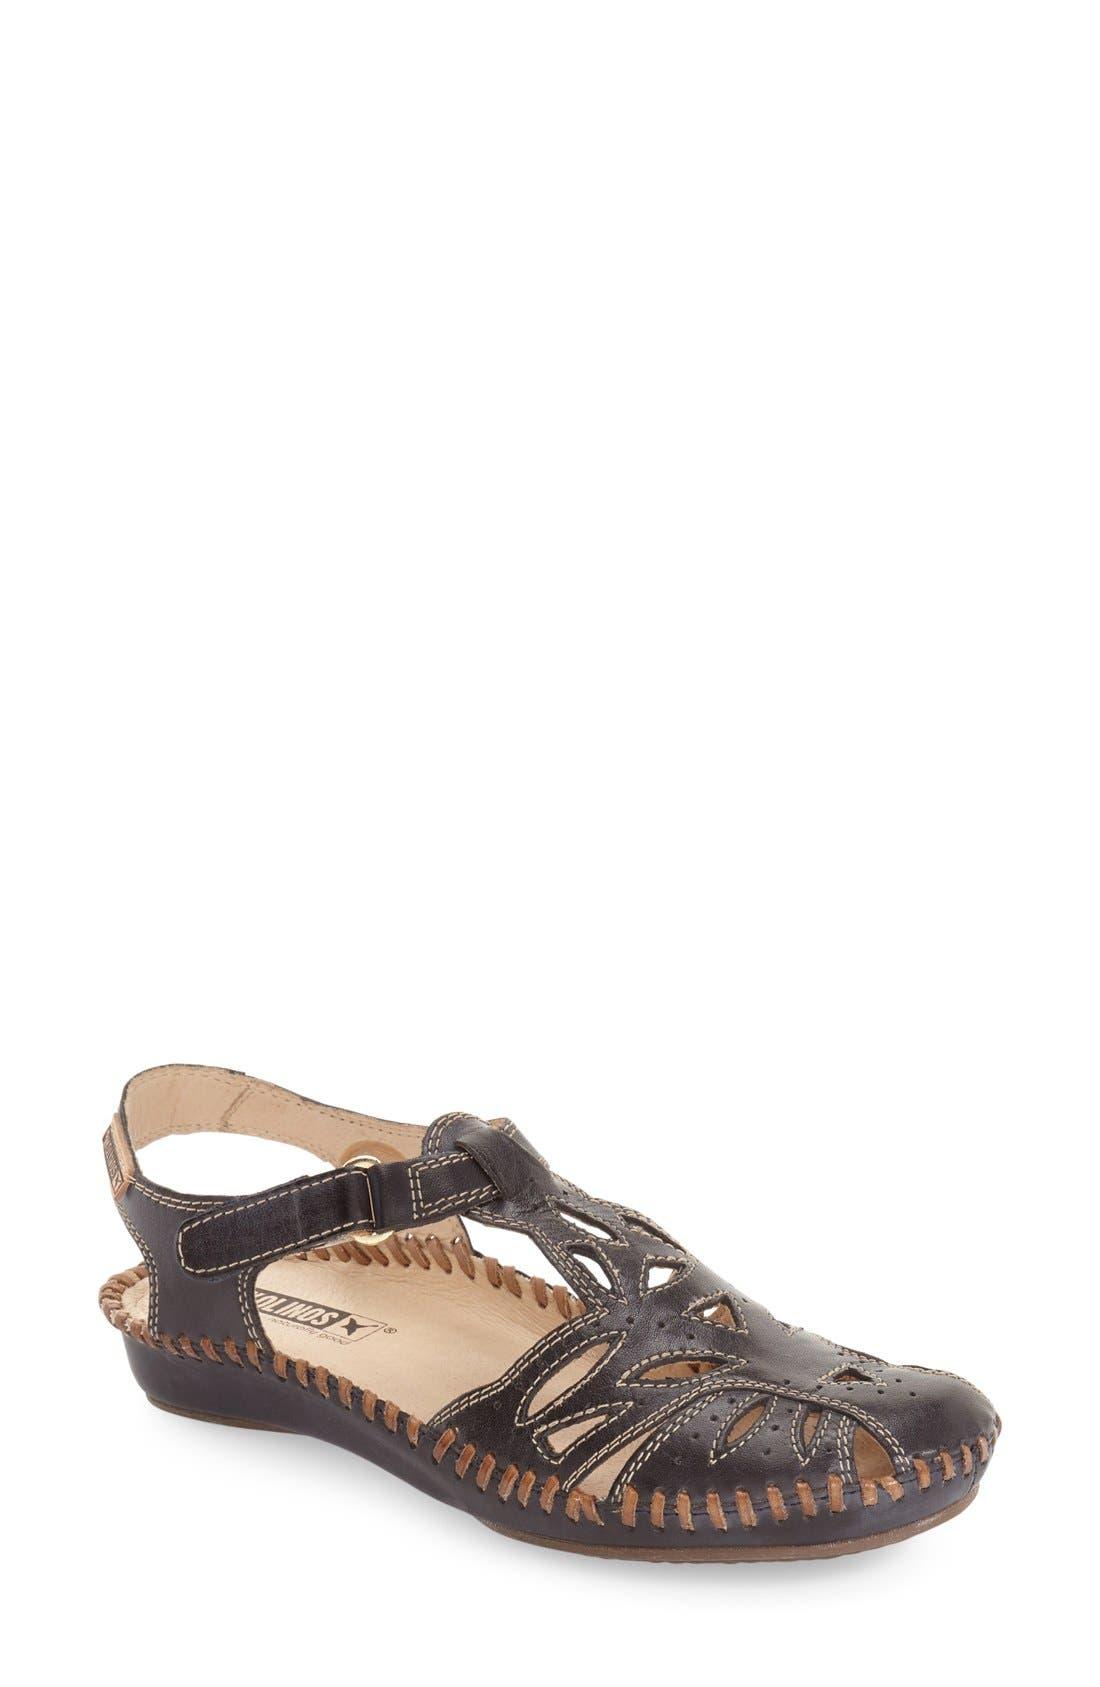 Main Image - PIKOLINOS 'Vallarta 2' Sandal